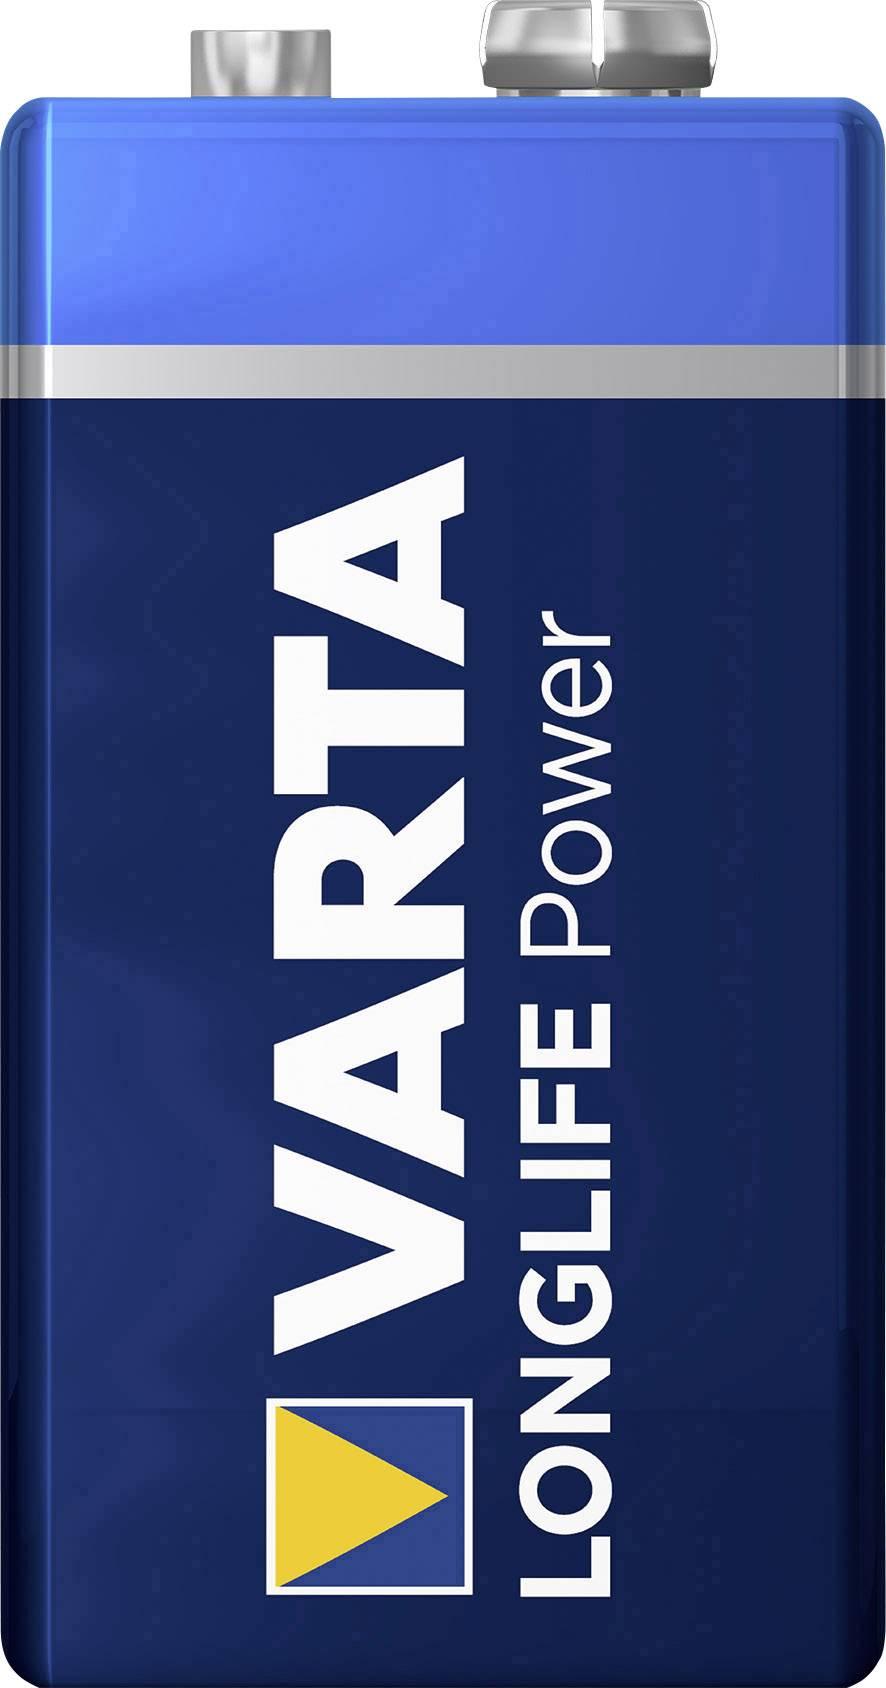 Batéria VARTA High Energy, 9V